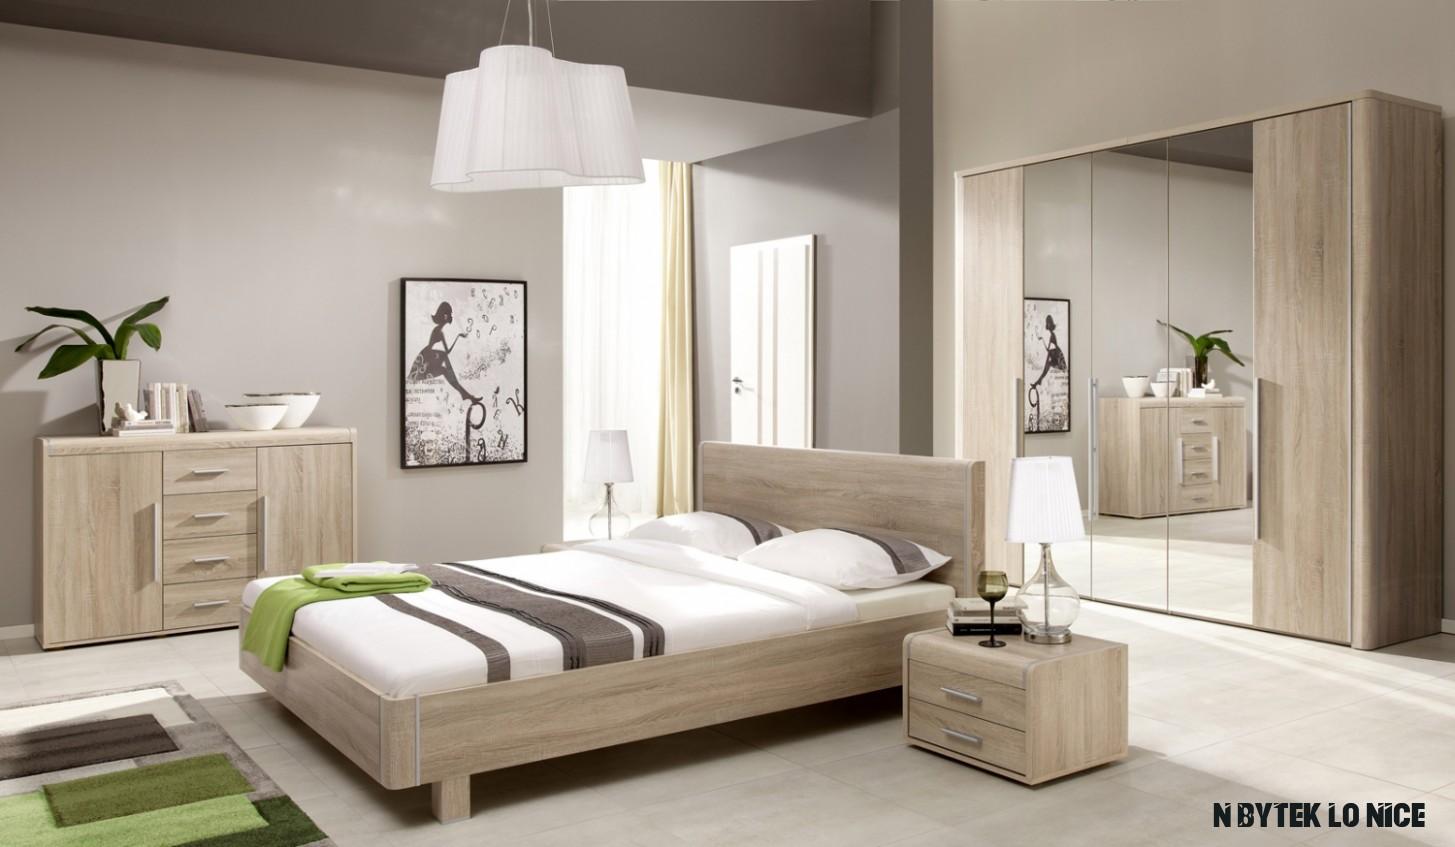 Nábytek do ložnice Volinois RM